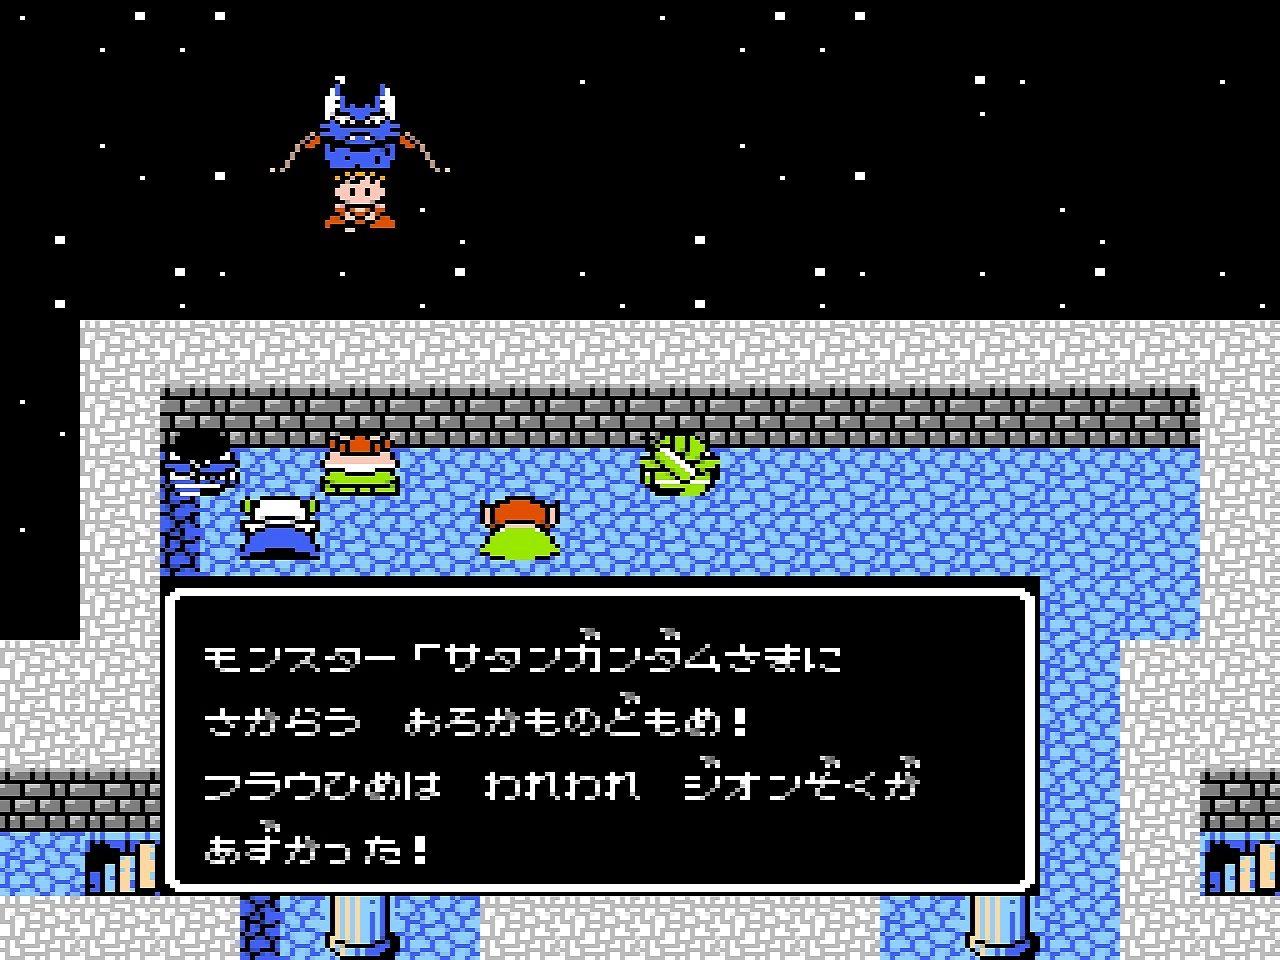 キャラゲー屈指の名作! ファミコン『SDガンダム外伝 ナイトガンダム物語』は「かゆいところに手が届く」RPGだったの画像002